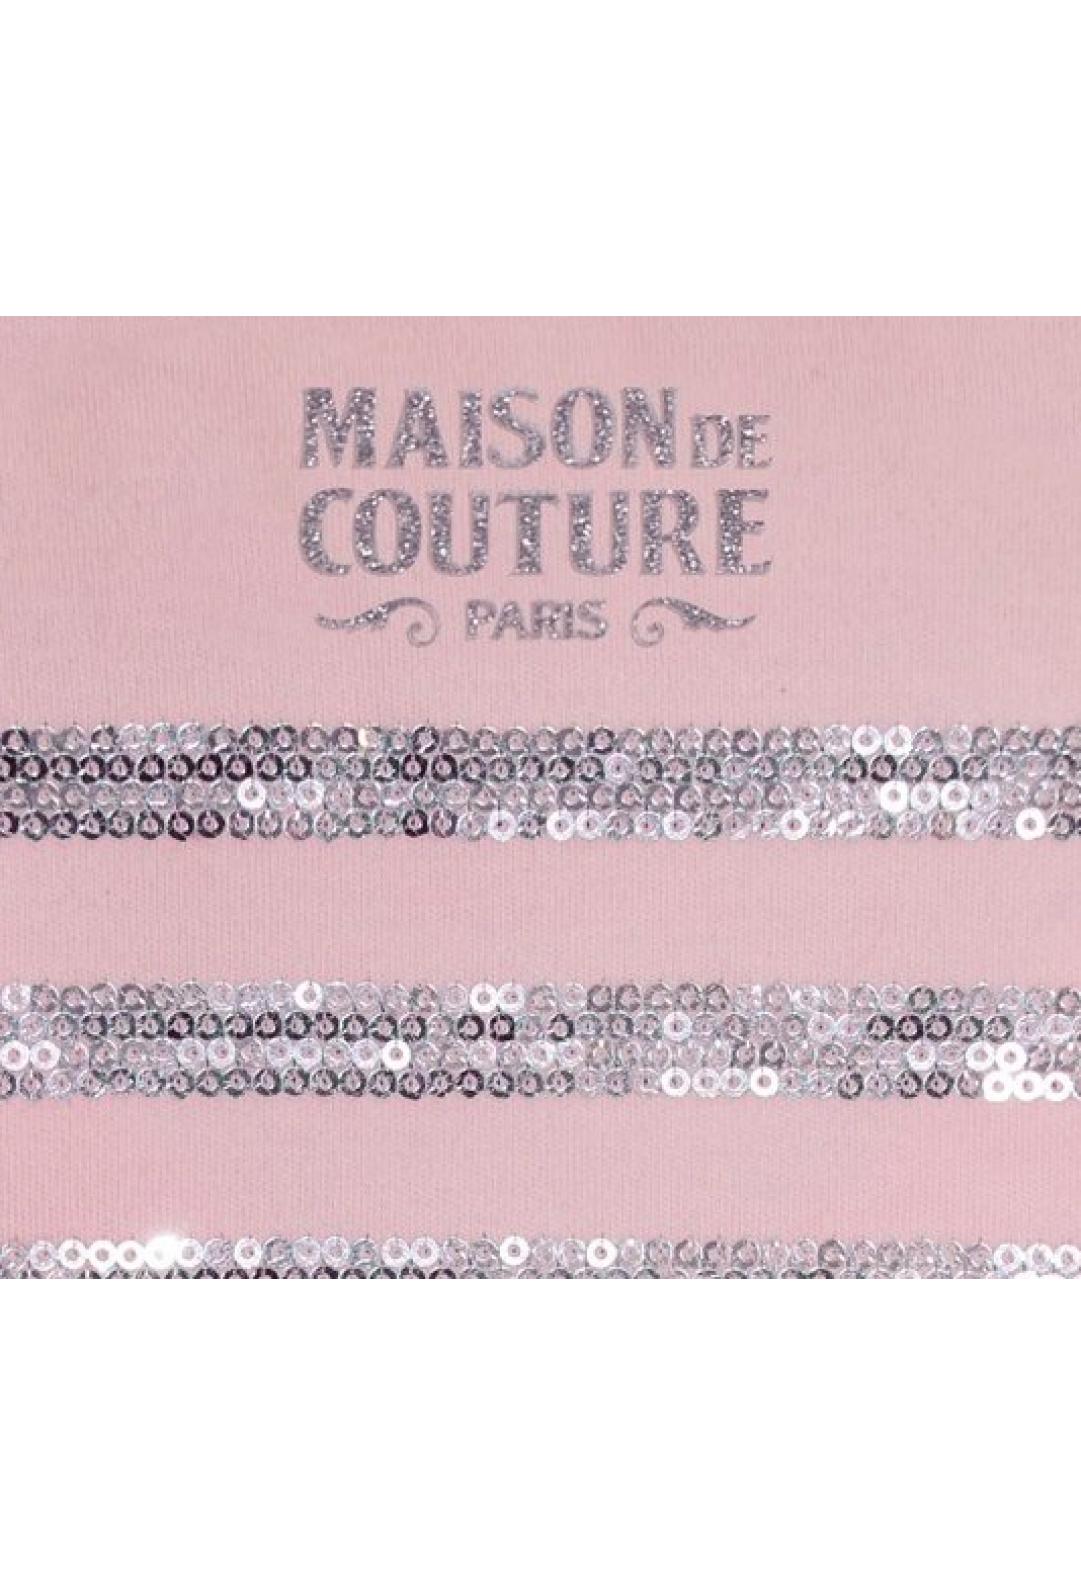 Maison de couture t shirt 23 cm for Ayzel maison de couture